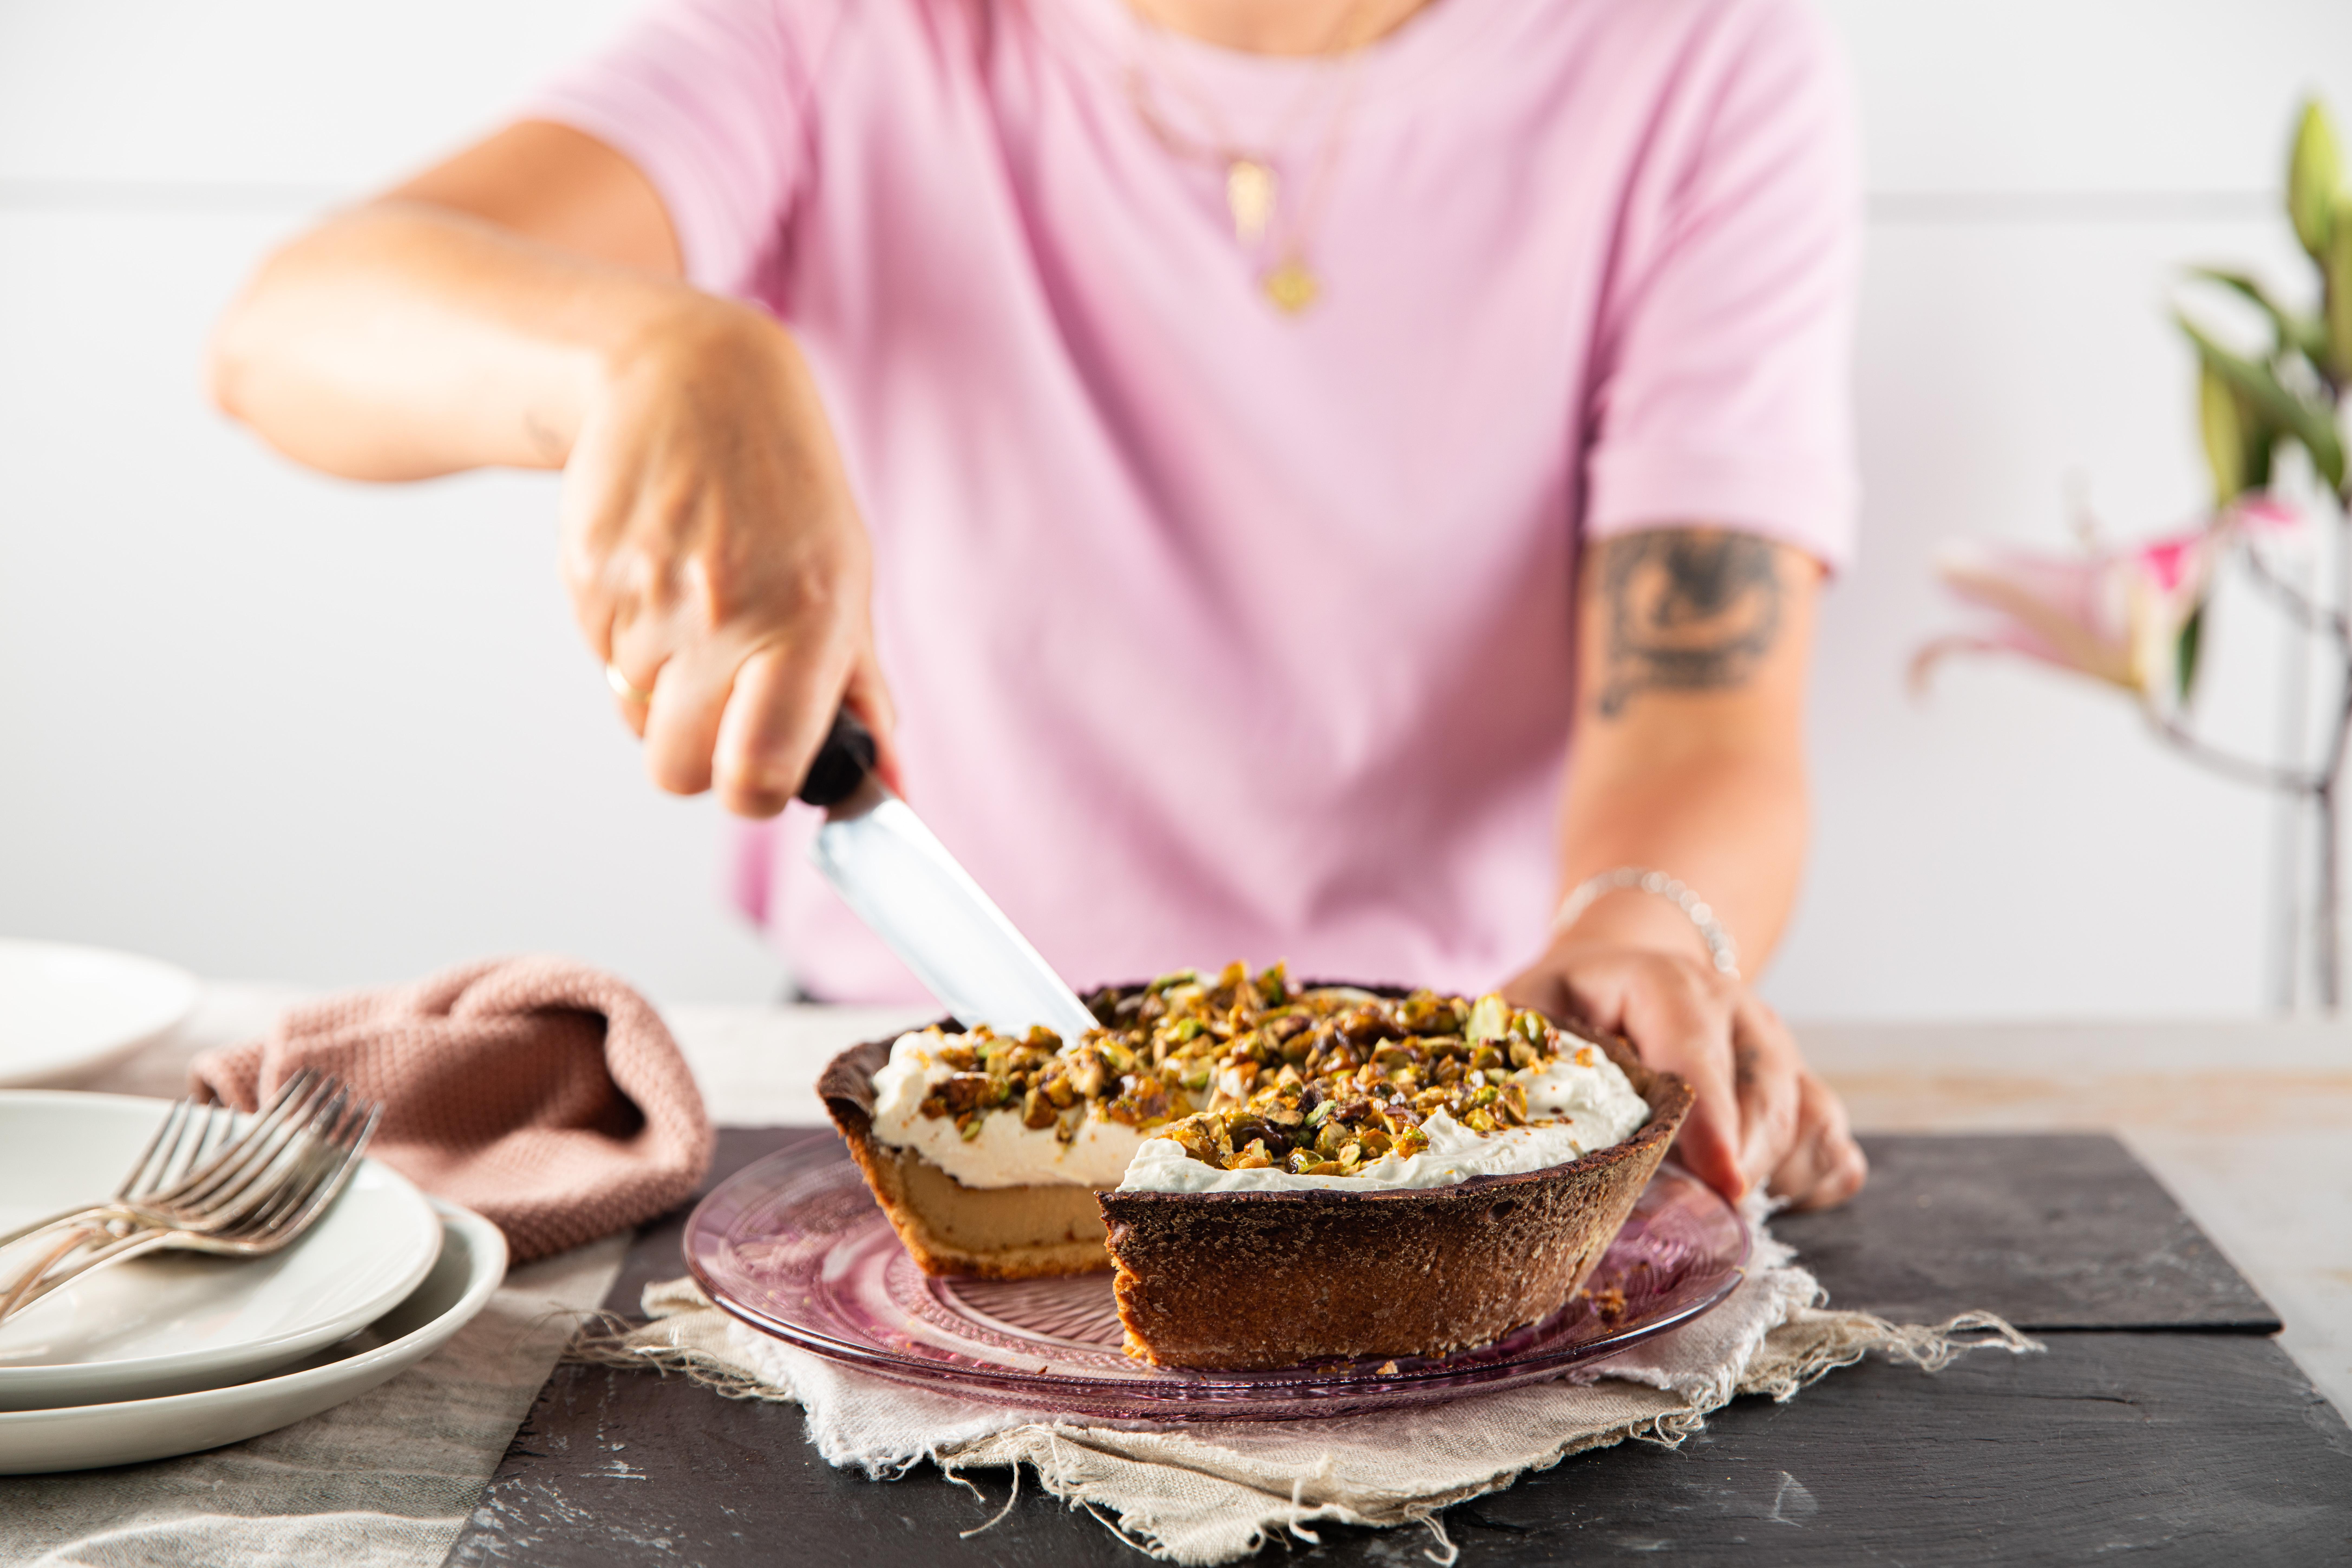 Flan-taart-met-pistache-bresilienne-door-Sofie-Dumont